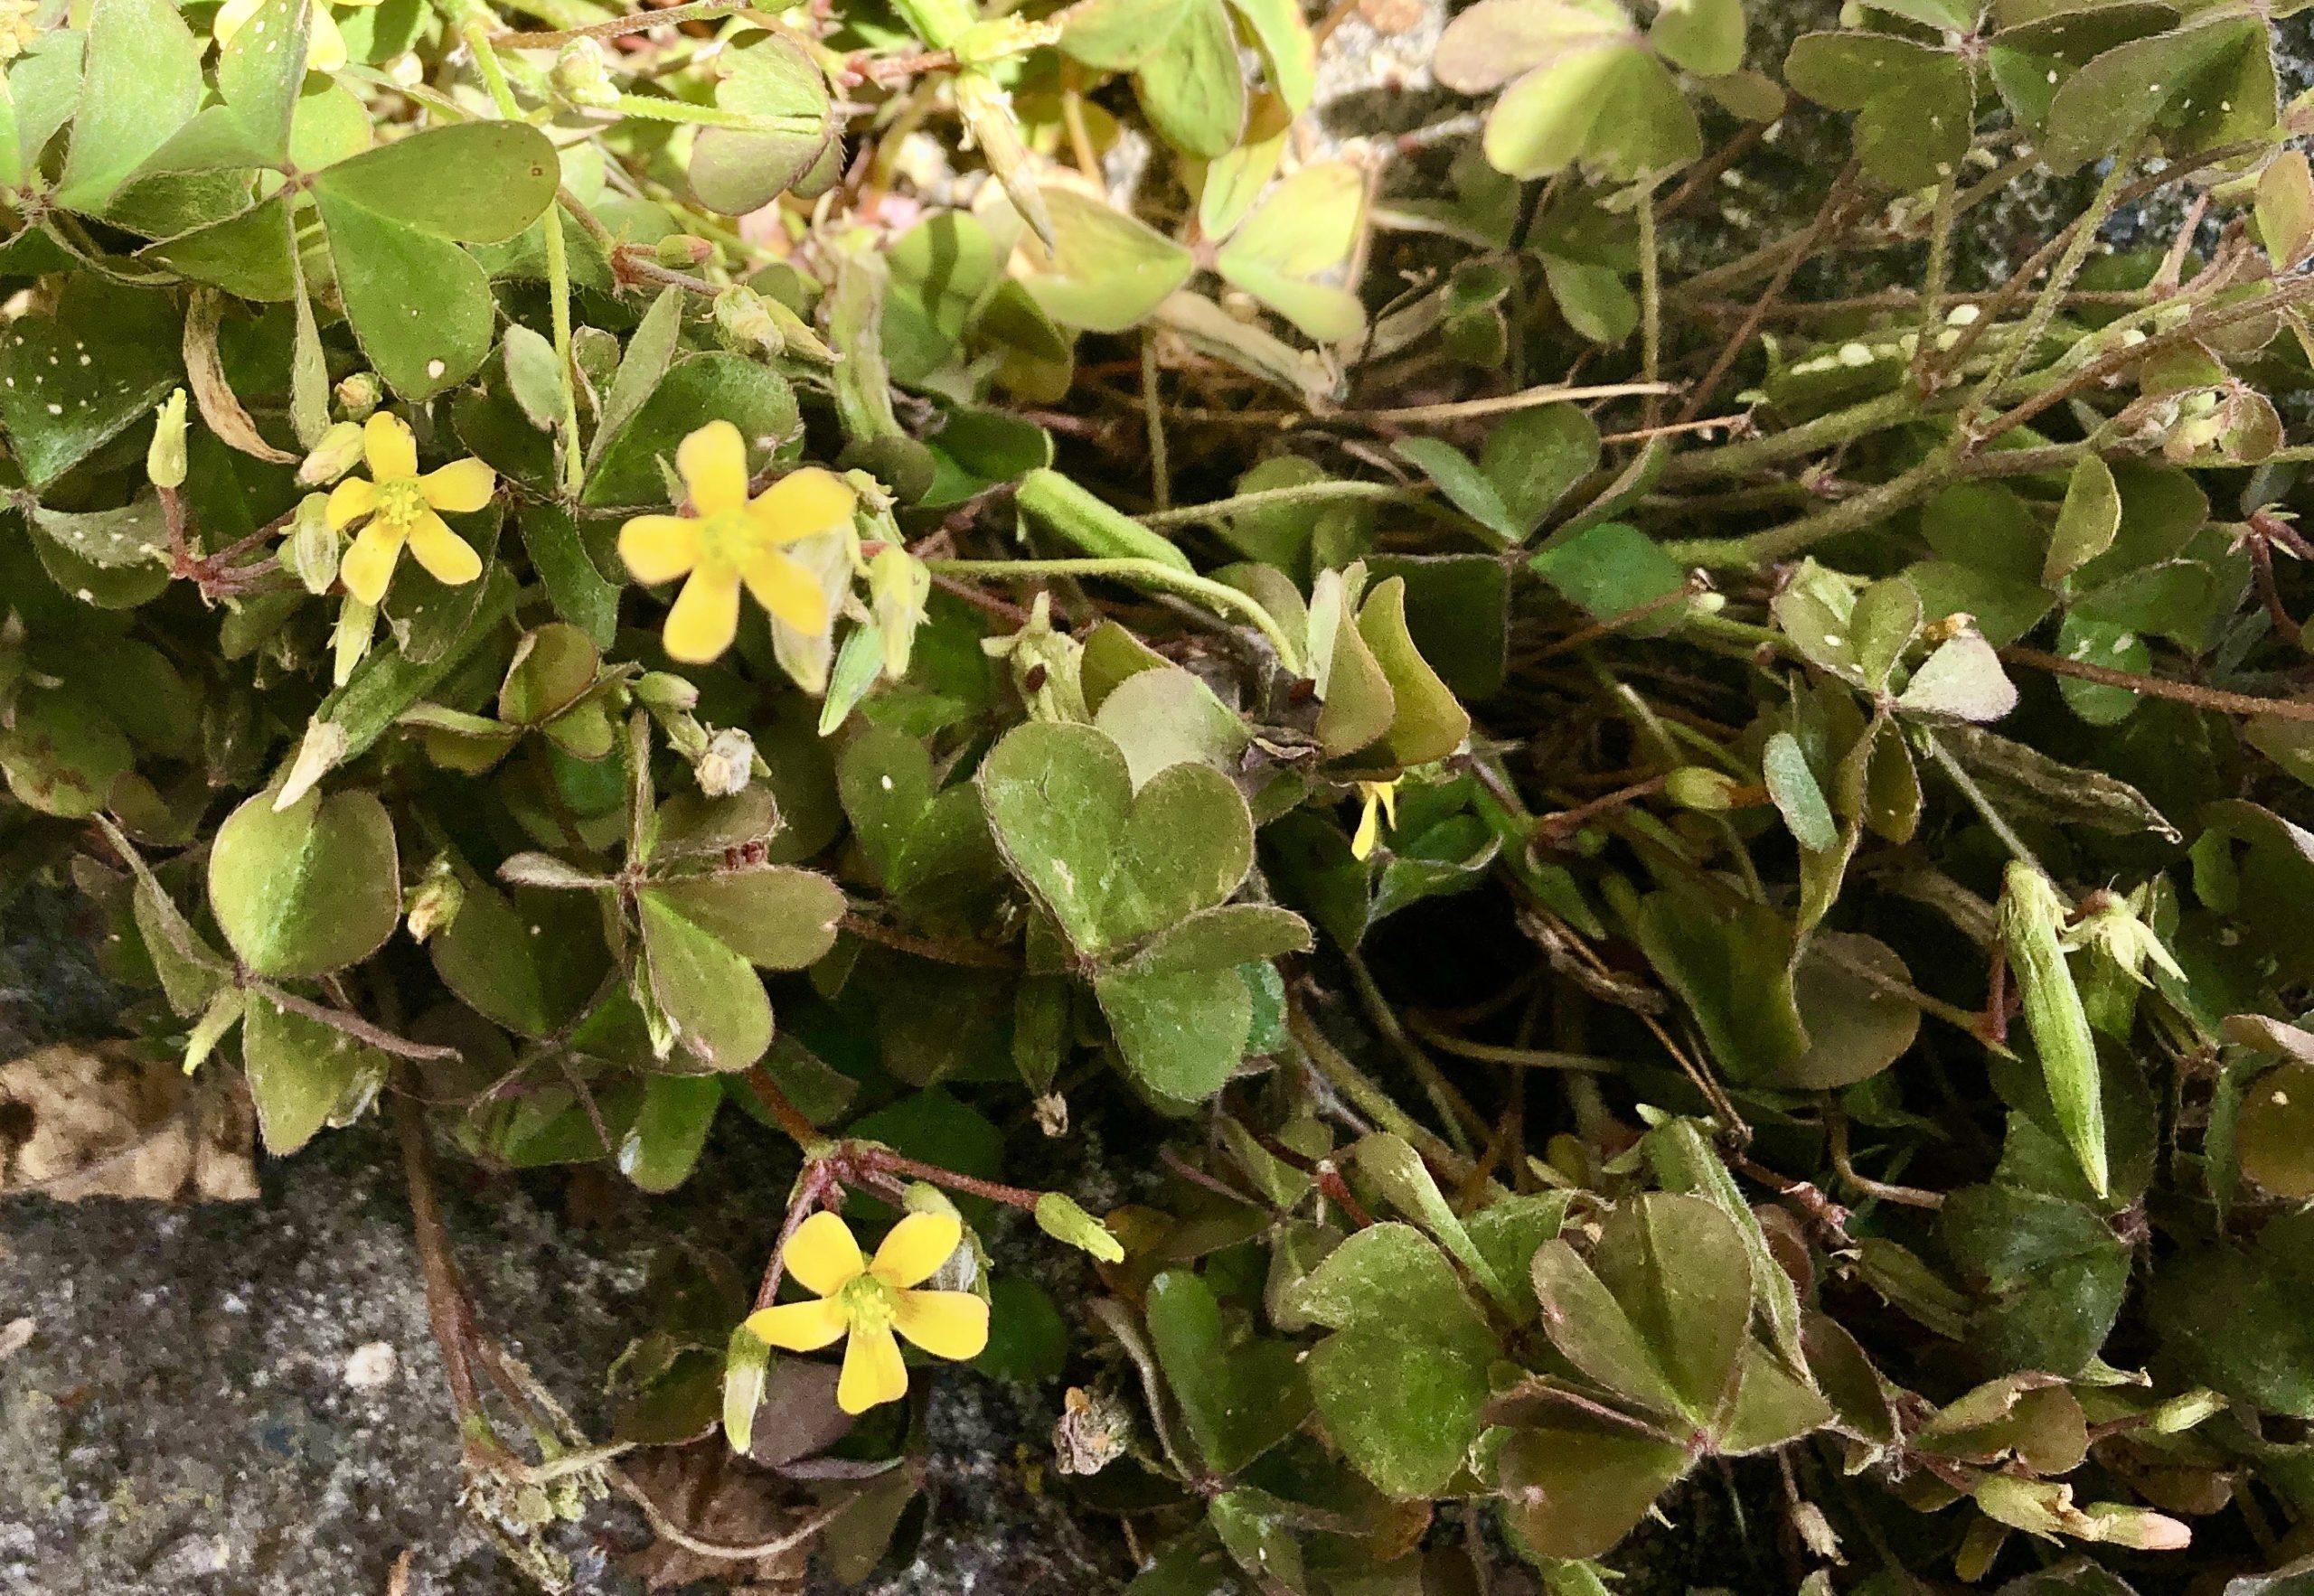 Plantje van de maand: gehoornde klaverzuring